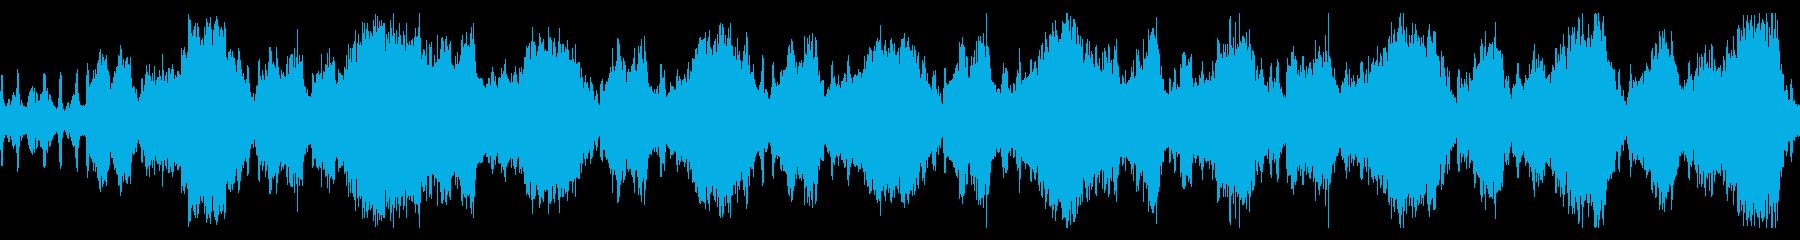 恐怖を演出するストリングス ループ素材の再生済みの波形